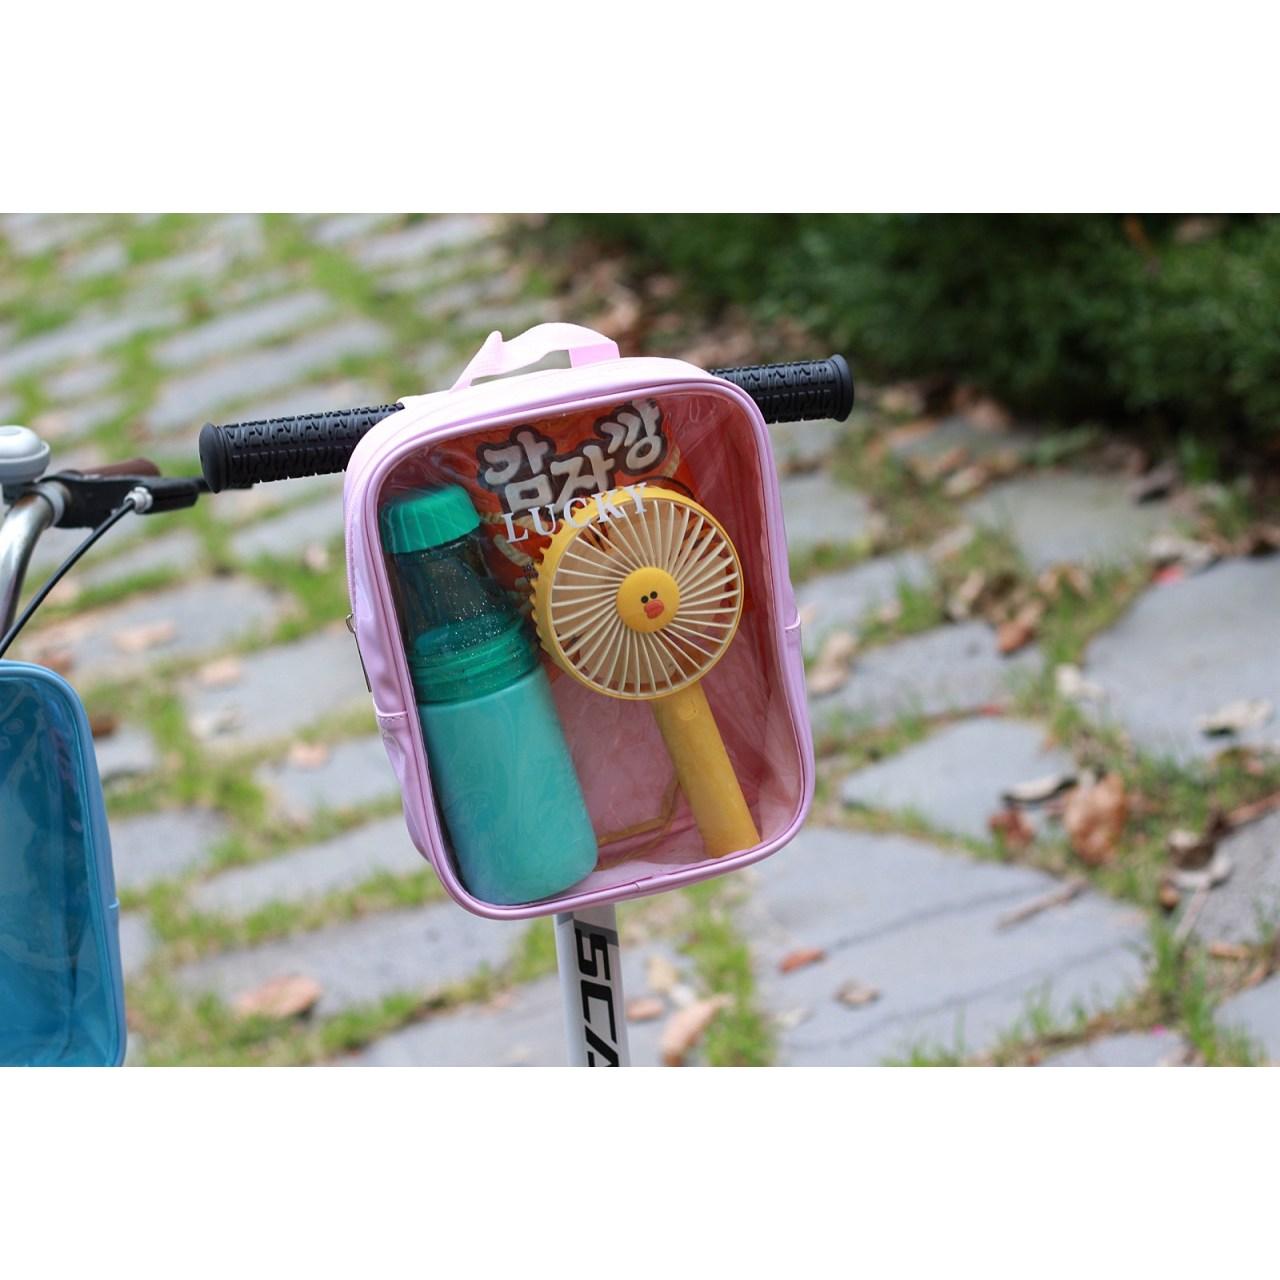 어린이킥보드가방 유아용 추석선물 어린이날용선물 방수킥보드가방 킥보드악세사리, 블루